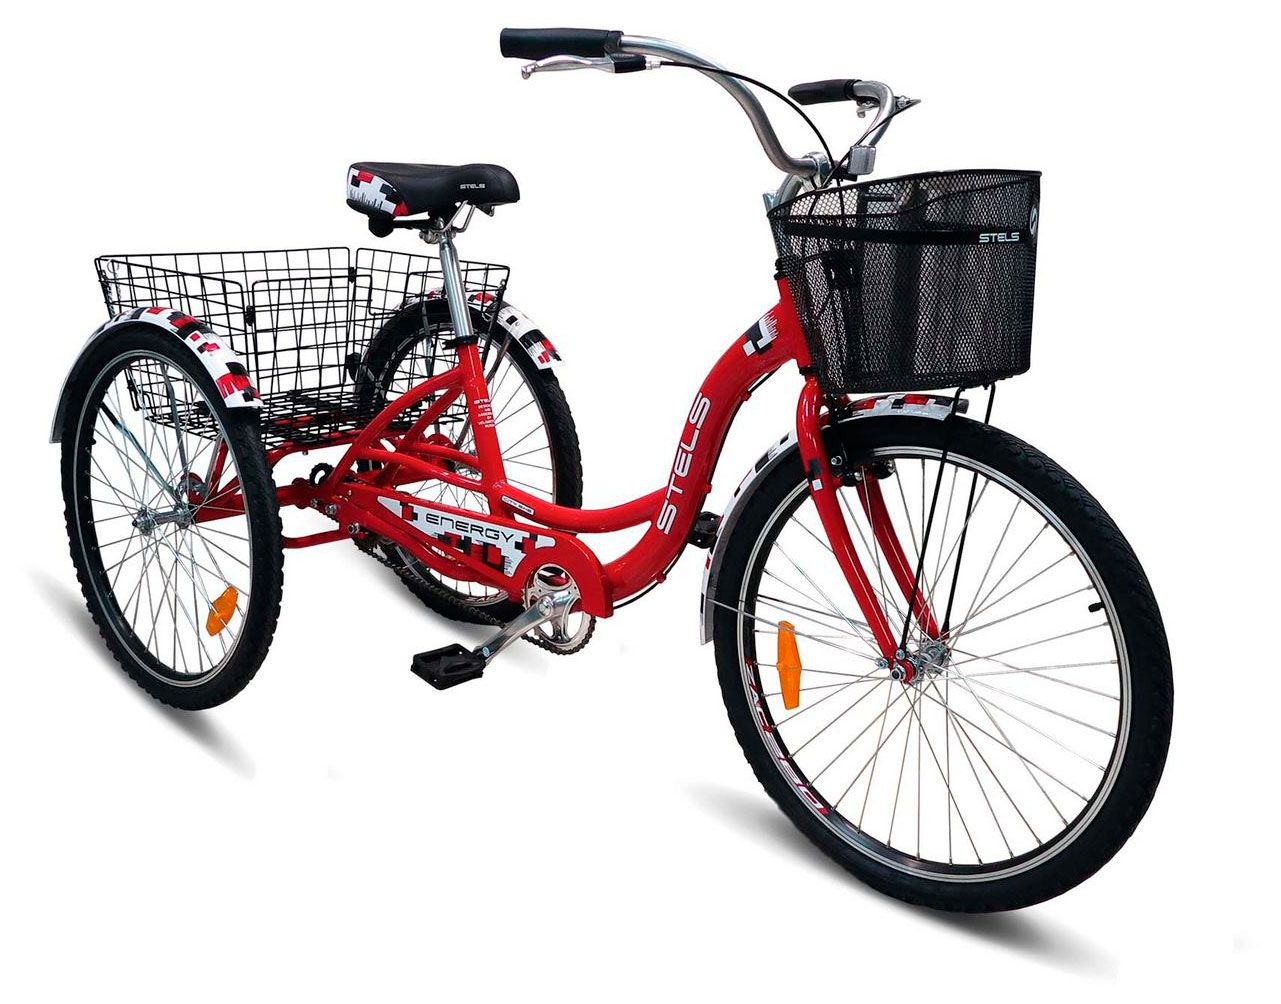 Велосипед Stels Energy I 26 (V020) 2018 велосипед stels energy i 26 v020 2018